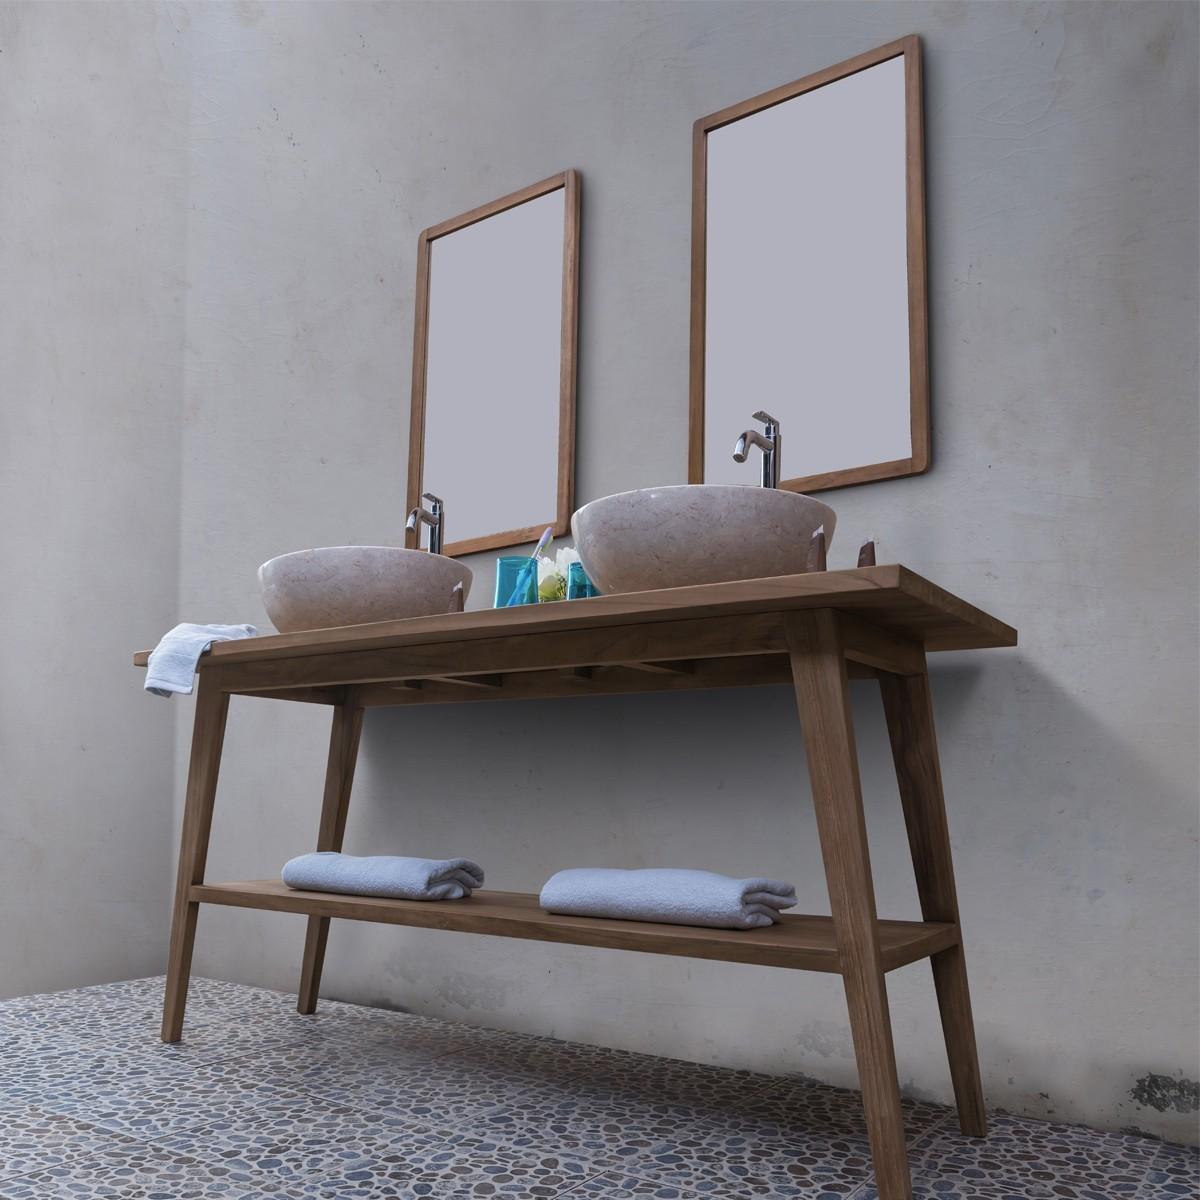 Ensemble salle de bain en bois de teck 150 vasques miroirs bois dessus bois dessous - Miroir salle de bain bois ...